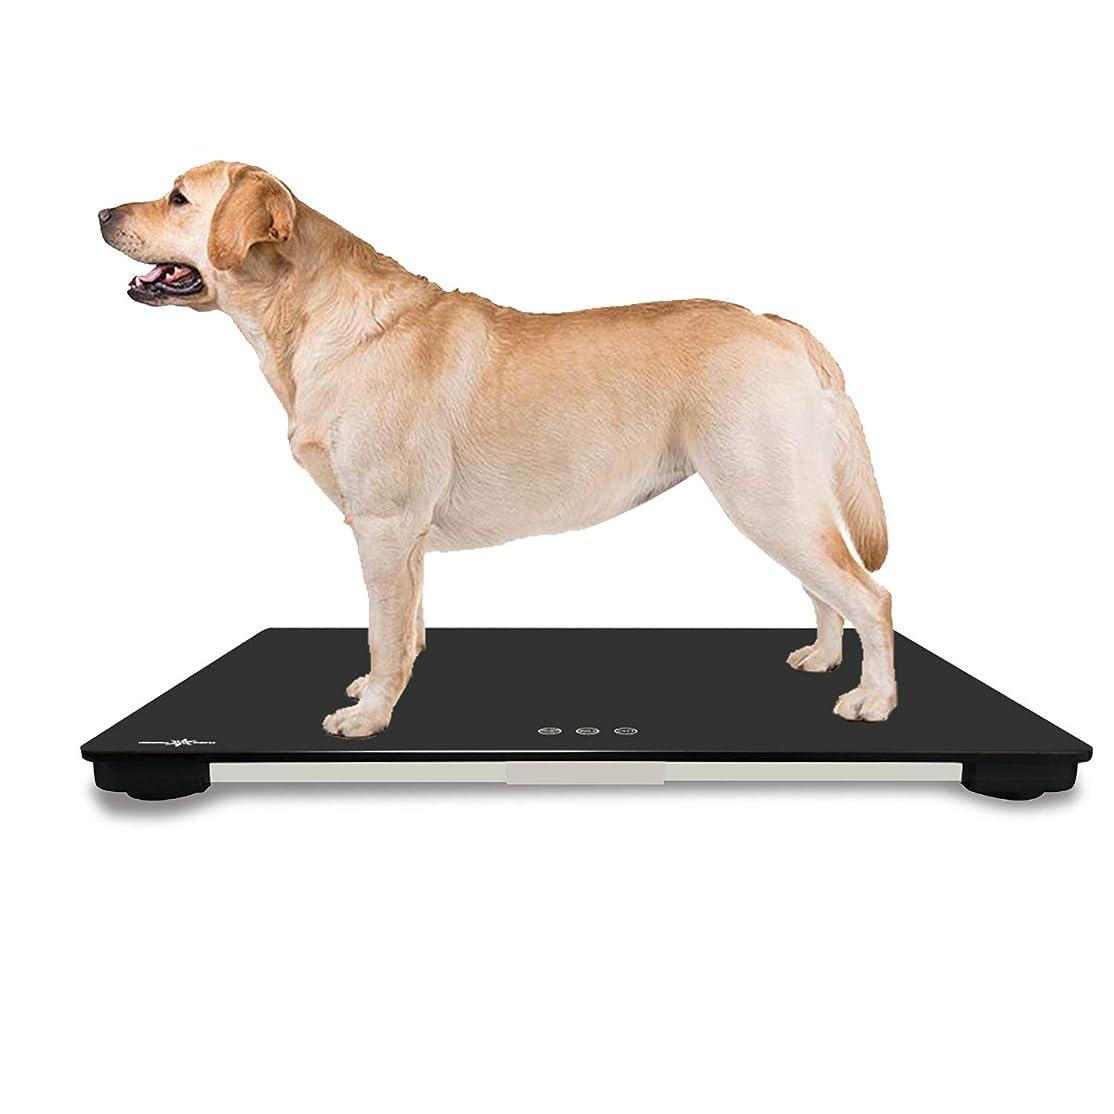 黙スペード特に大きな犬の体重計、10gの高精度、大型犬や体重を測定する多くの猫に適しています獣医犬の体重計